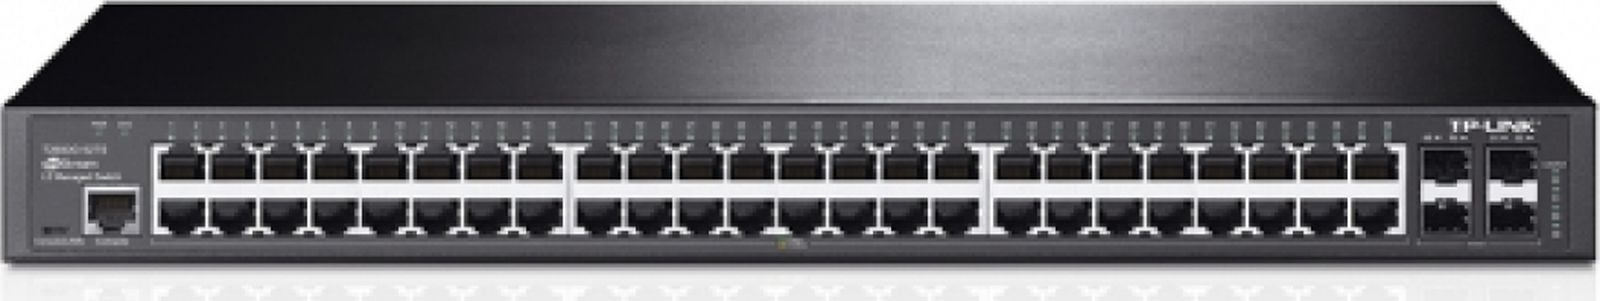 Коммутатор TP-Link T2600G-52TS 48G 4SFP управляемый телефон tp link